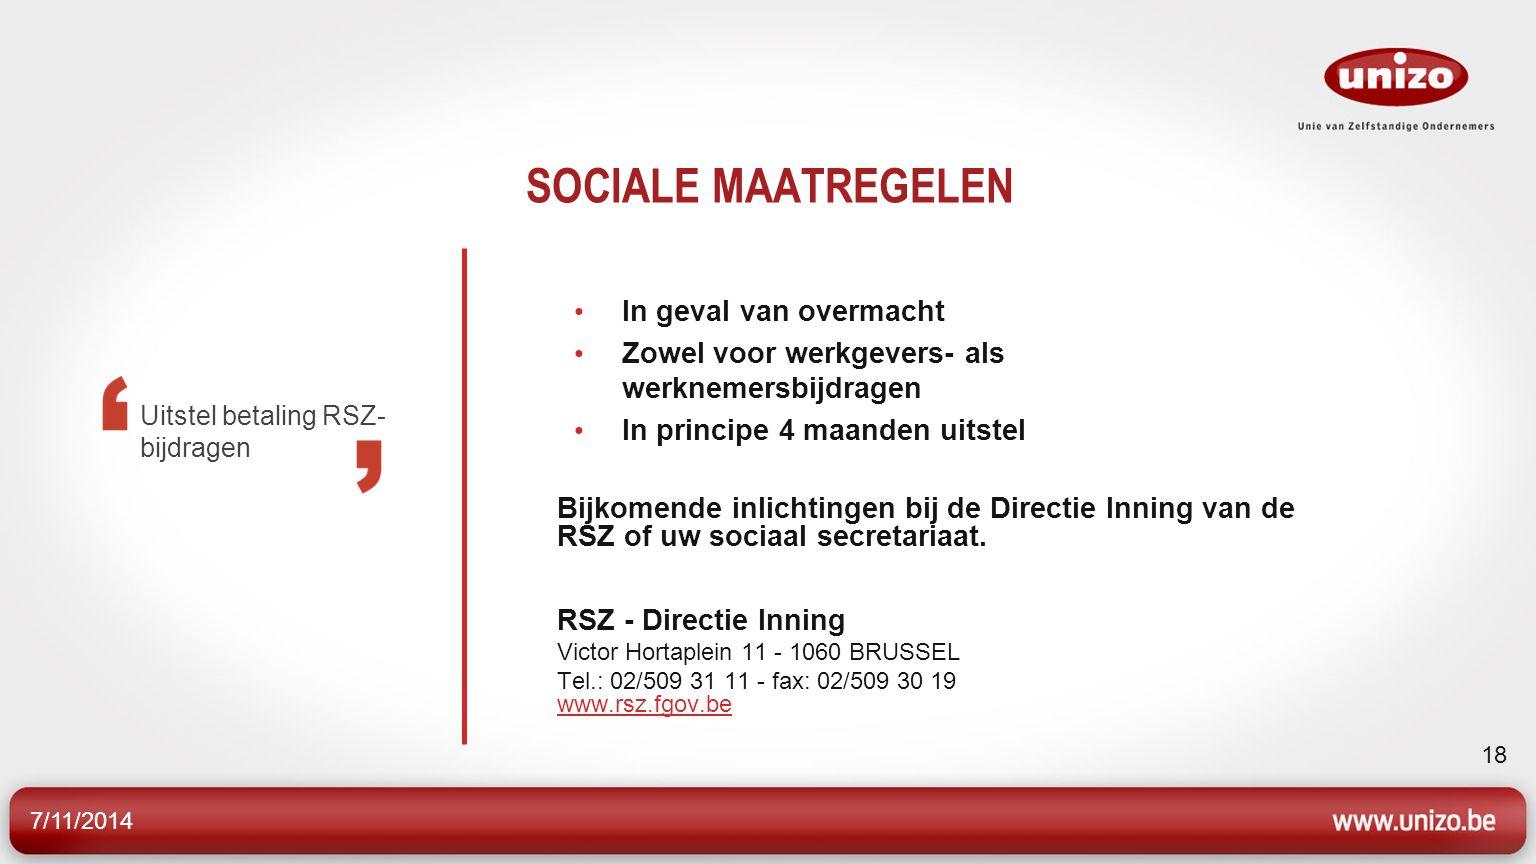 7/11/2014 18 SOCIALE MAATREGELEN In geval van overmacht Zowel voor werkgevers- als werknemersbijdragen In principe 4 maanden uitstel Bijkomende inlichtingen bij de Directie Inning van de RSZ of uw sociaal secretariaat.